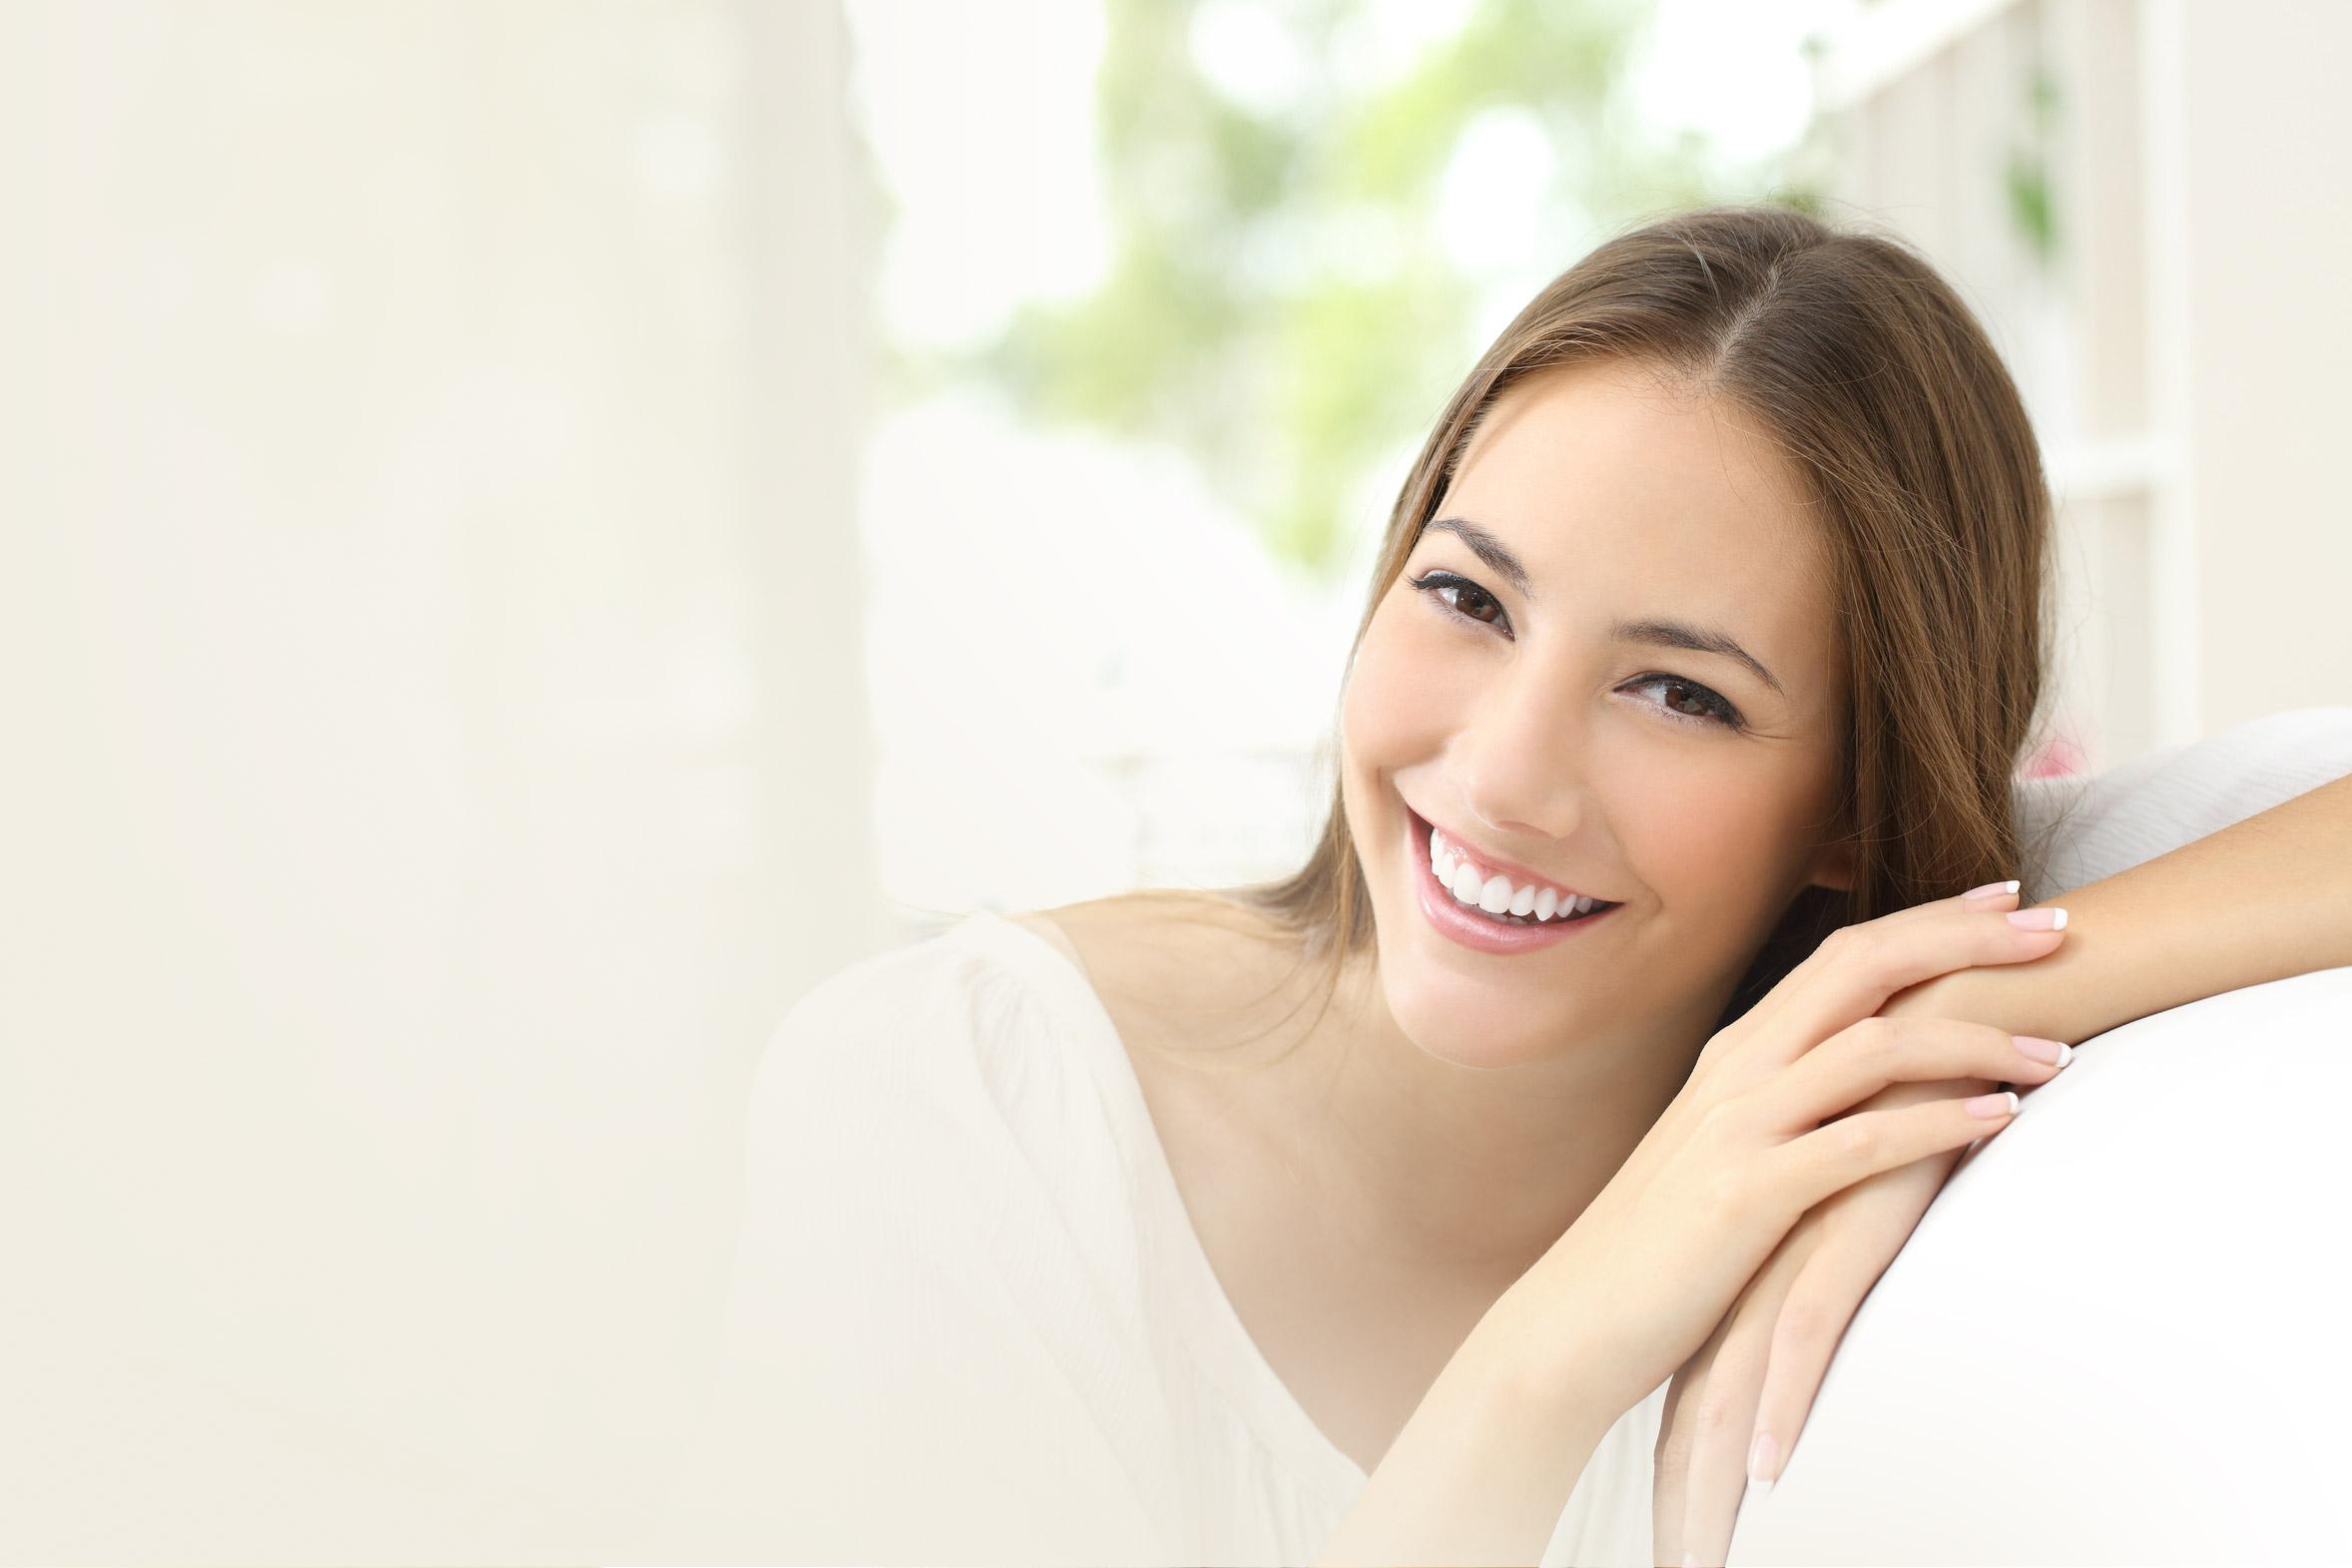 Un joli sourire ne peut qu'être un atout supplémentaire